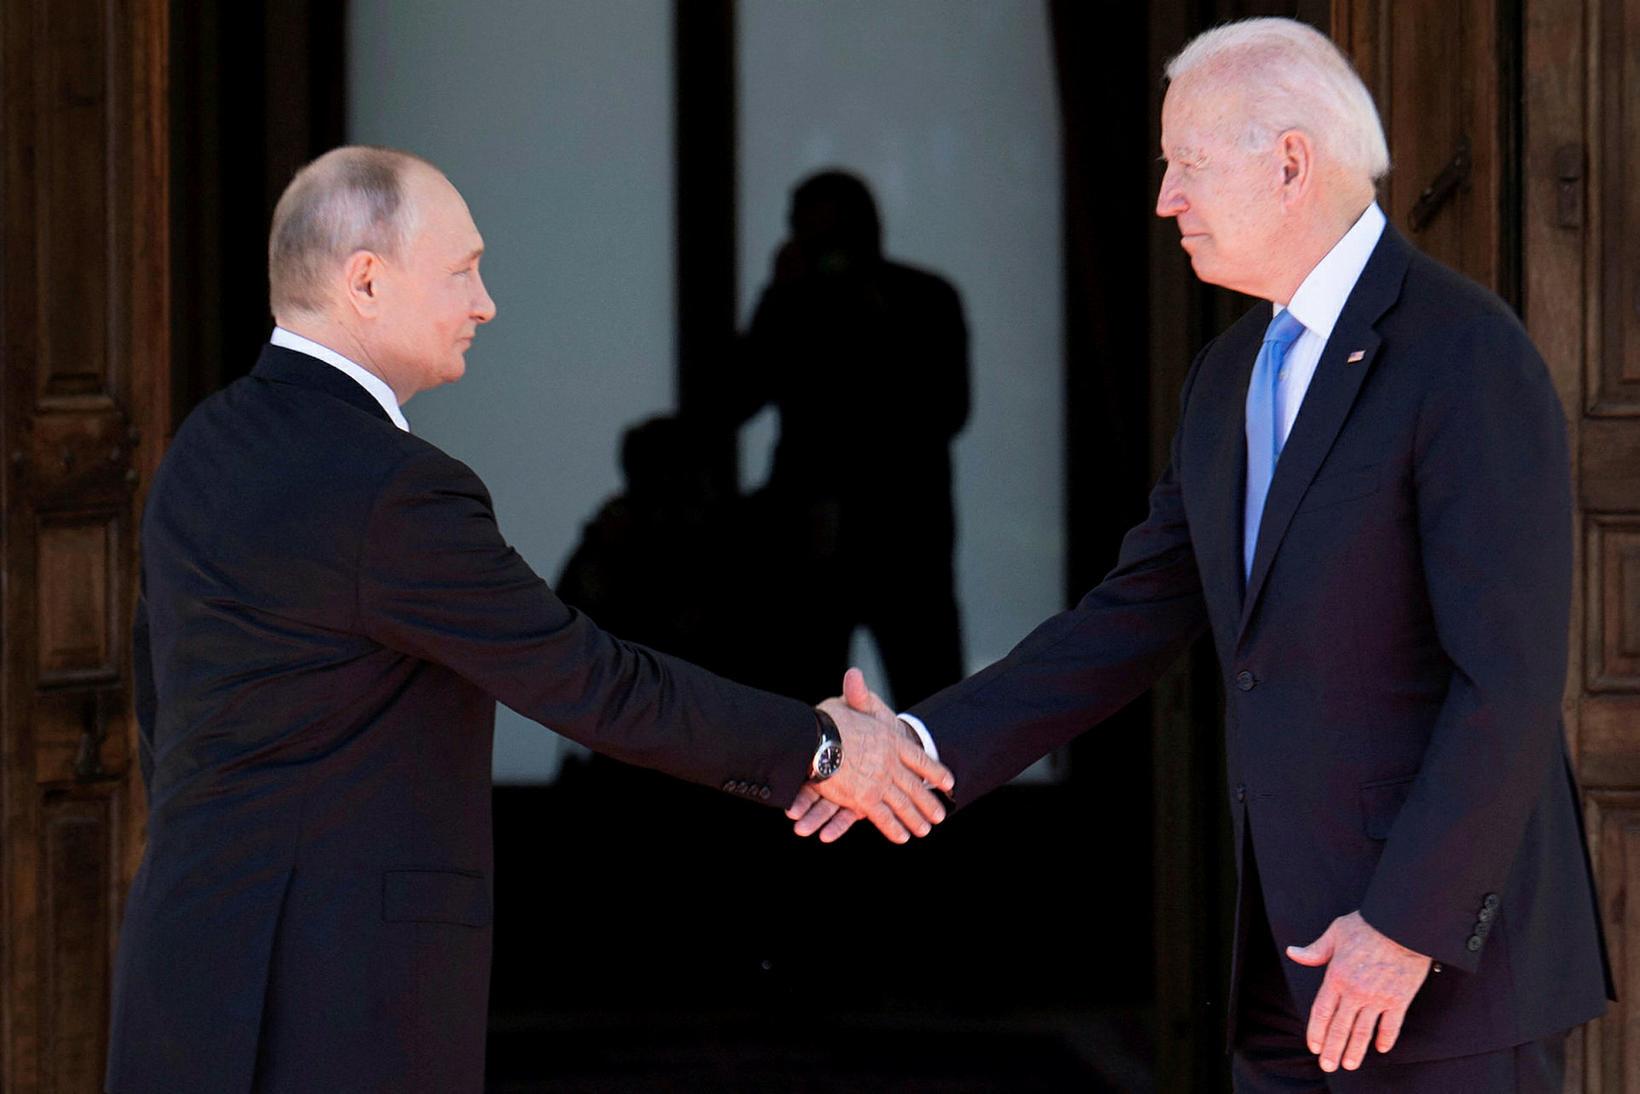 Vladimír Pútín Rússlandsforseti og Joe Biden Bandaríkjaforseti takast í hendur …